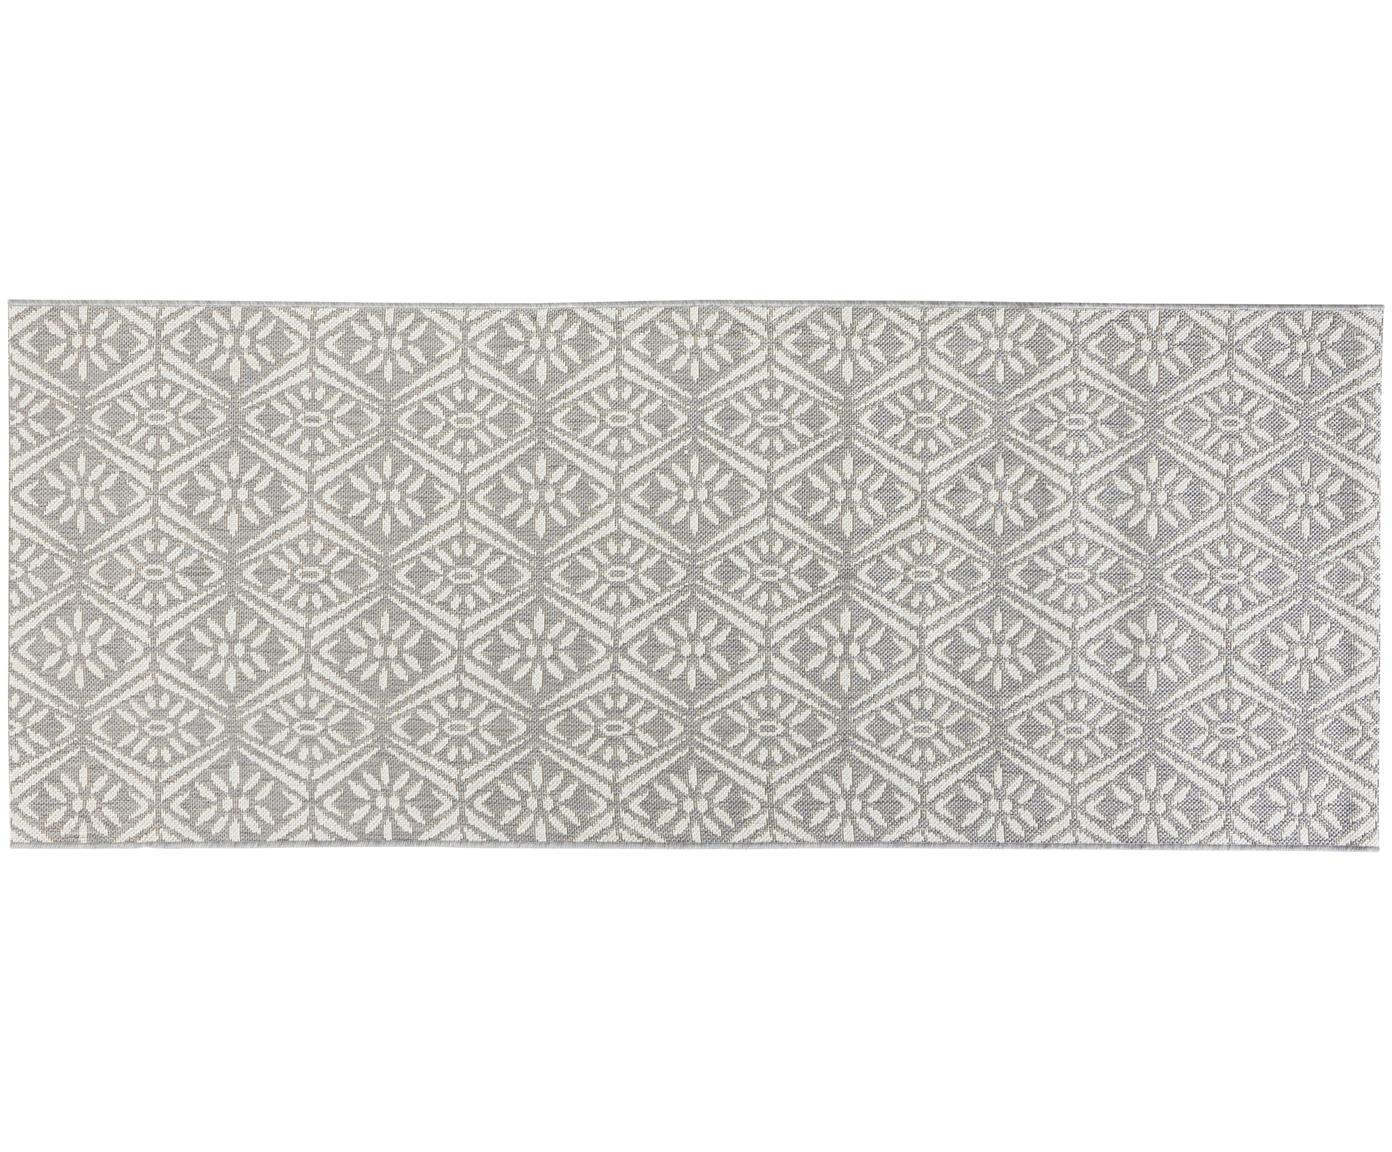 Chodnik Creation, Szary, odcienie kremowego, S 80 x D 200 cm